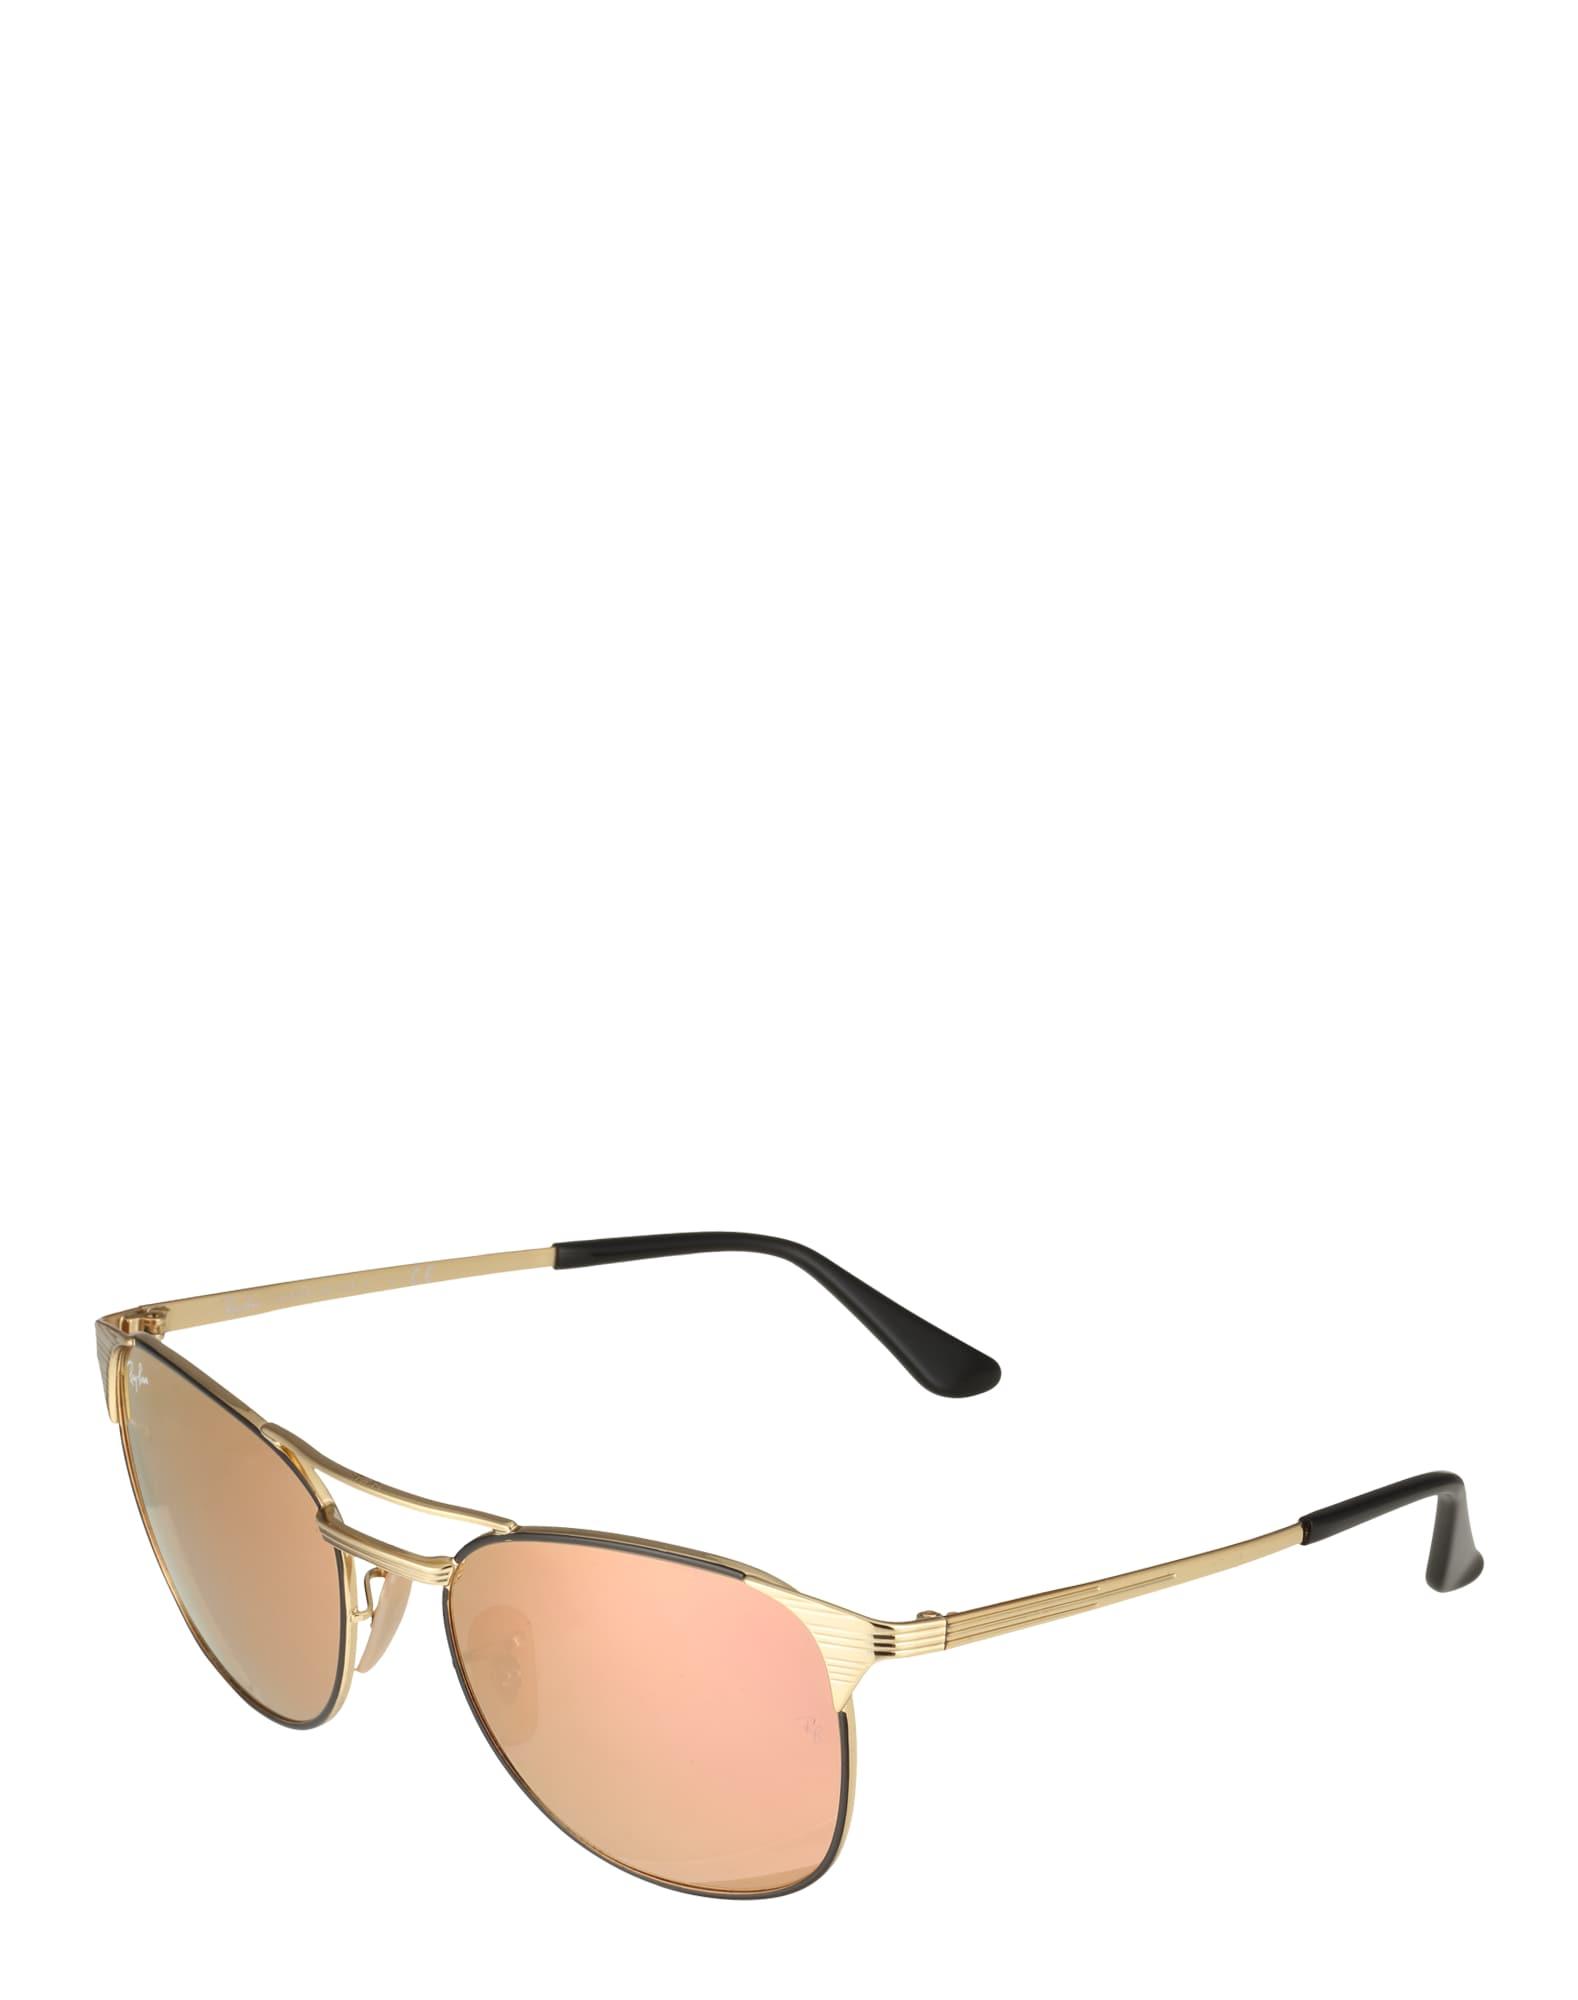 Sluneční brýle Signet zlatá černá Ray-Ban